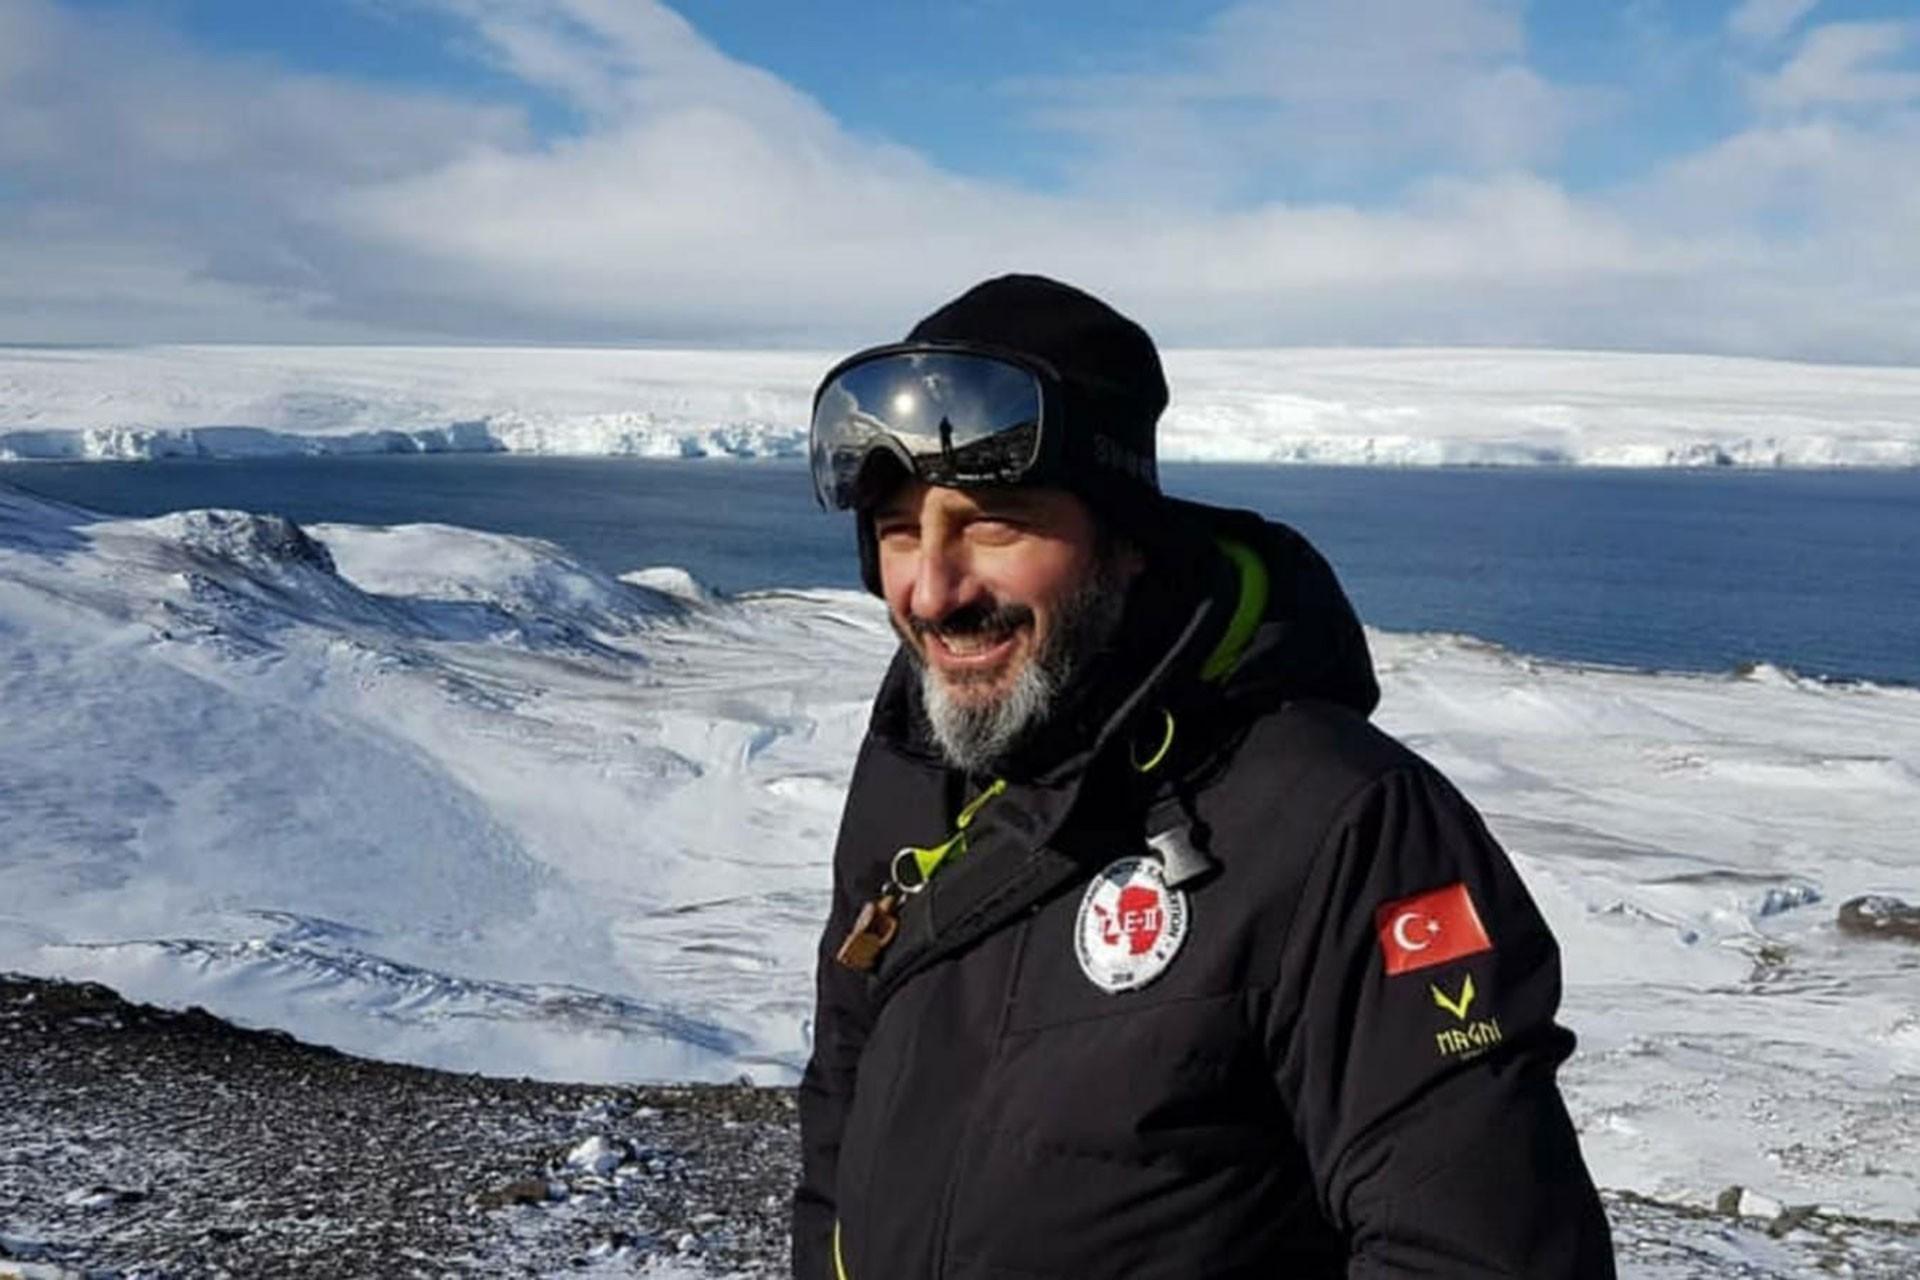 Rize Recep Tayyip Erdoğan Üniversitesi Jeoloji Mühendisliği Öğretim Üyesi Prof. Dr. Raif Kandemir